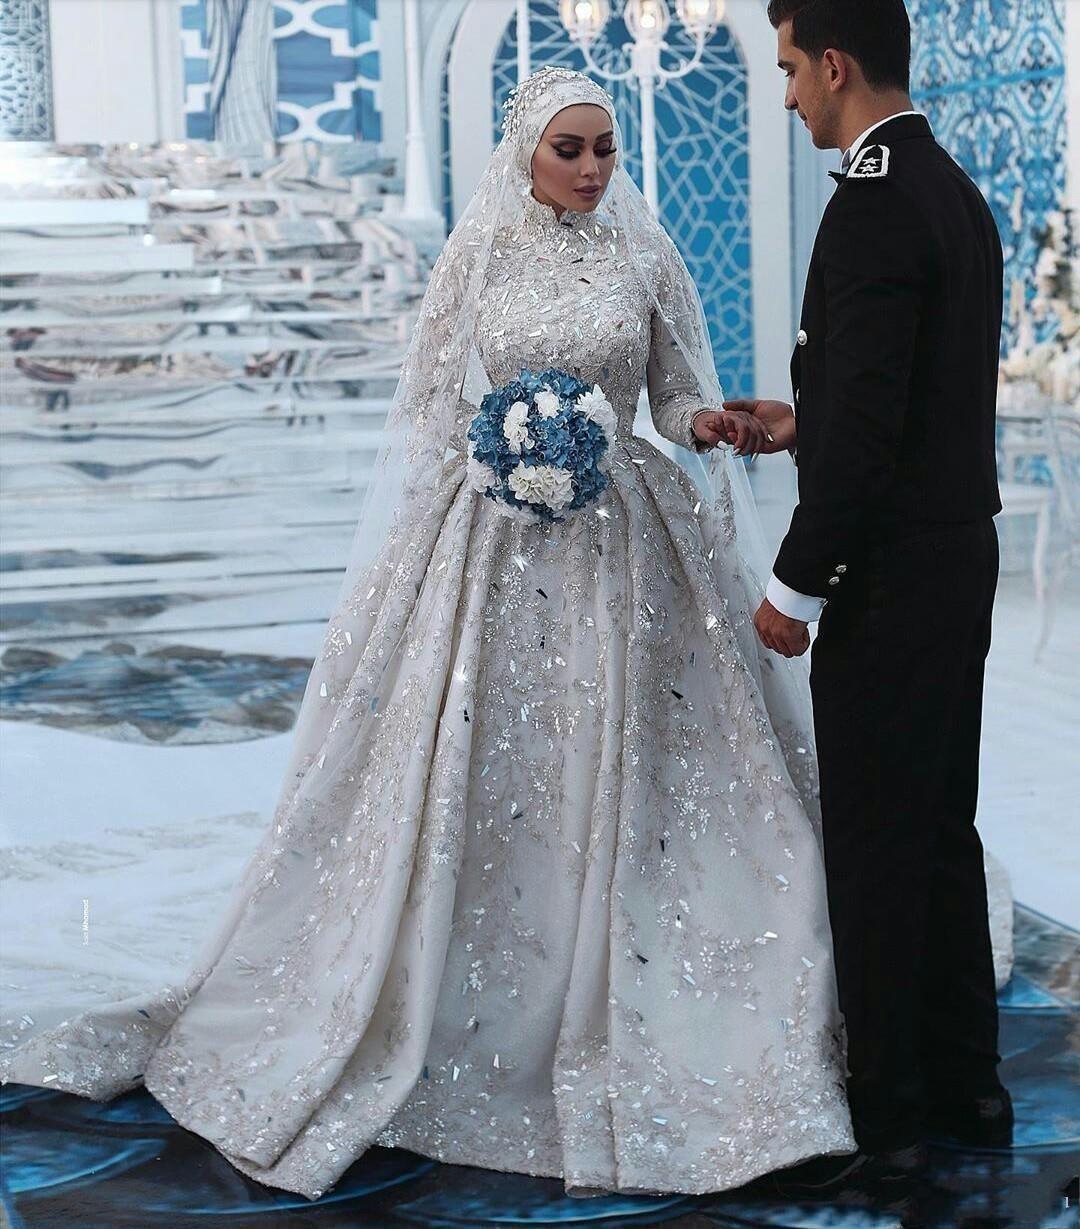 웨딩 드레스 신부 가운 2021 럭셔리 사우디 아랍어 레이스 A 라인 하이 넥 이슬람 스파크 드레스